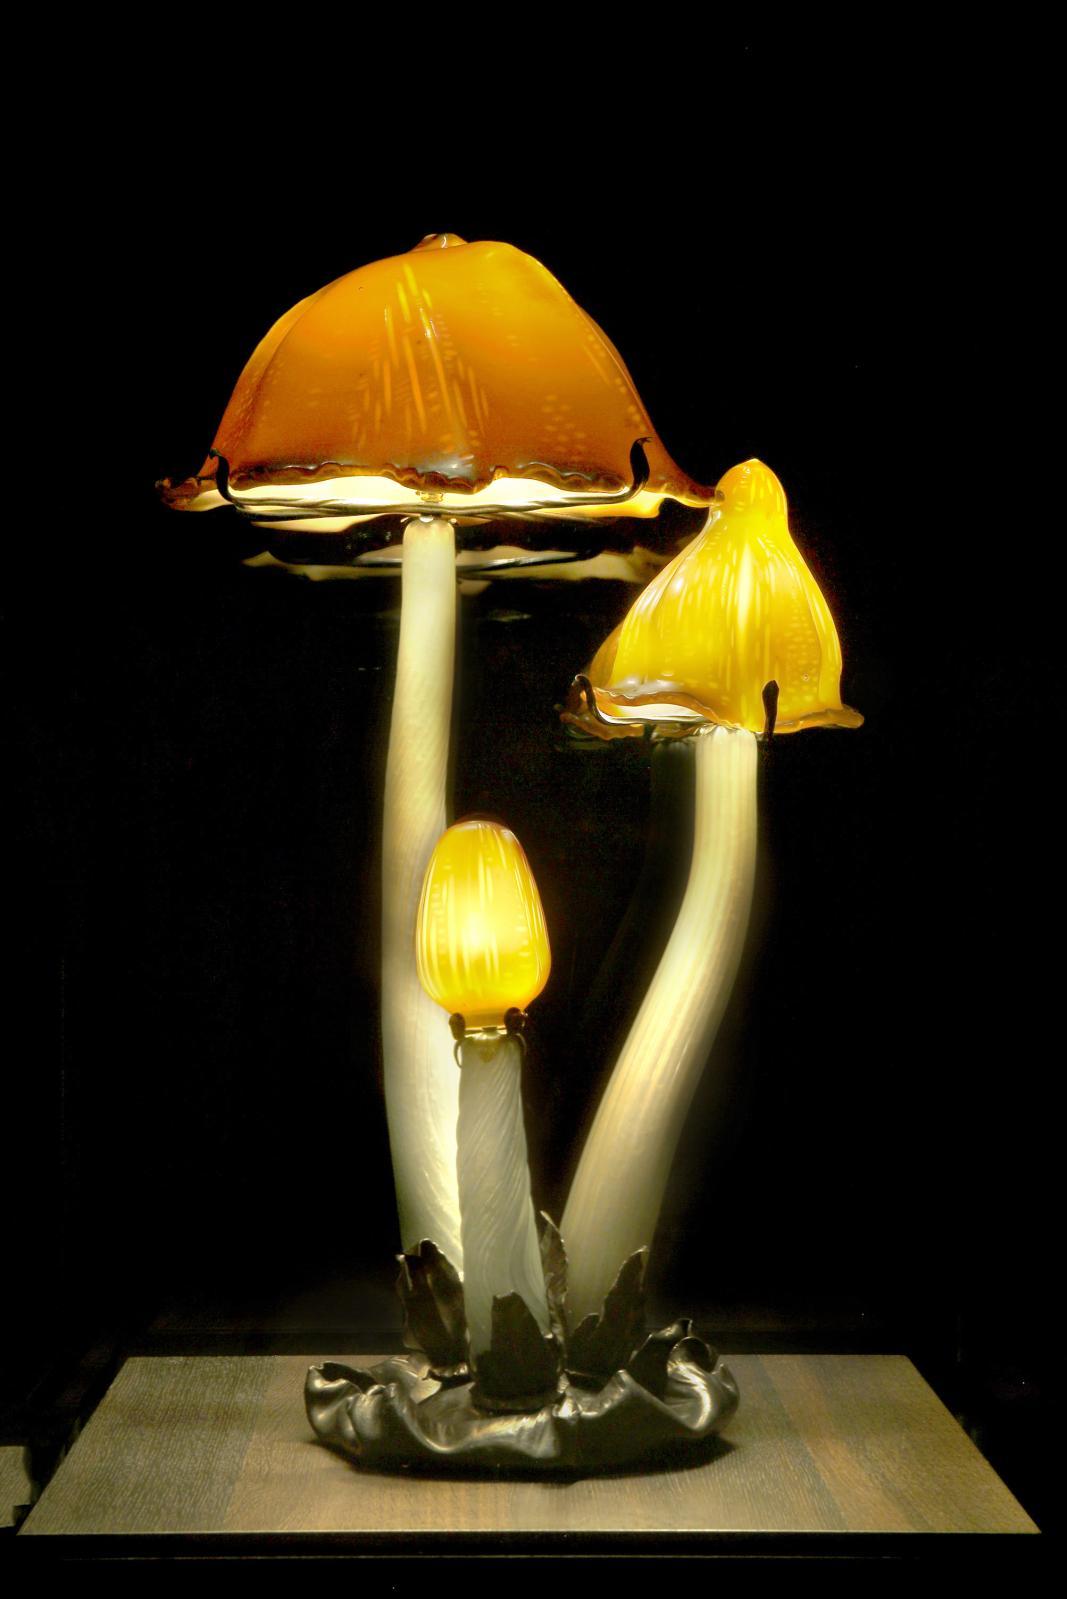 Émile Gallé(1846-1904), lampe Les Coprins, vers 1902, verre multicouche soufflé, modelé à chaud et travaillé à la roue, h.83,8cm, diam. de base 31,